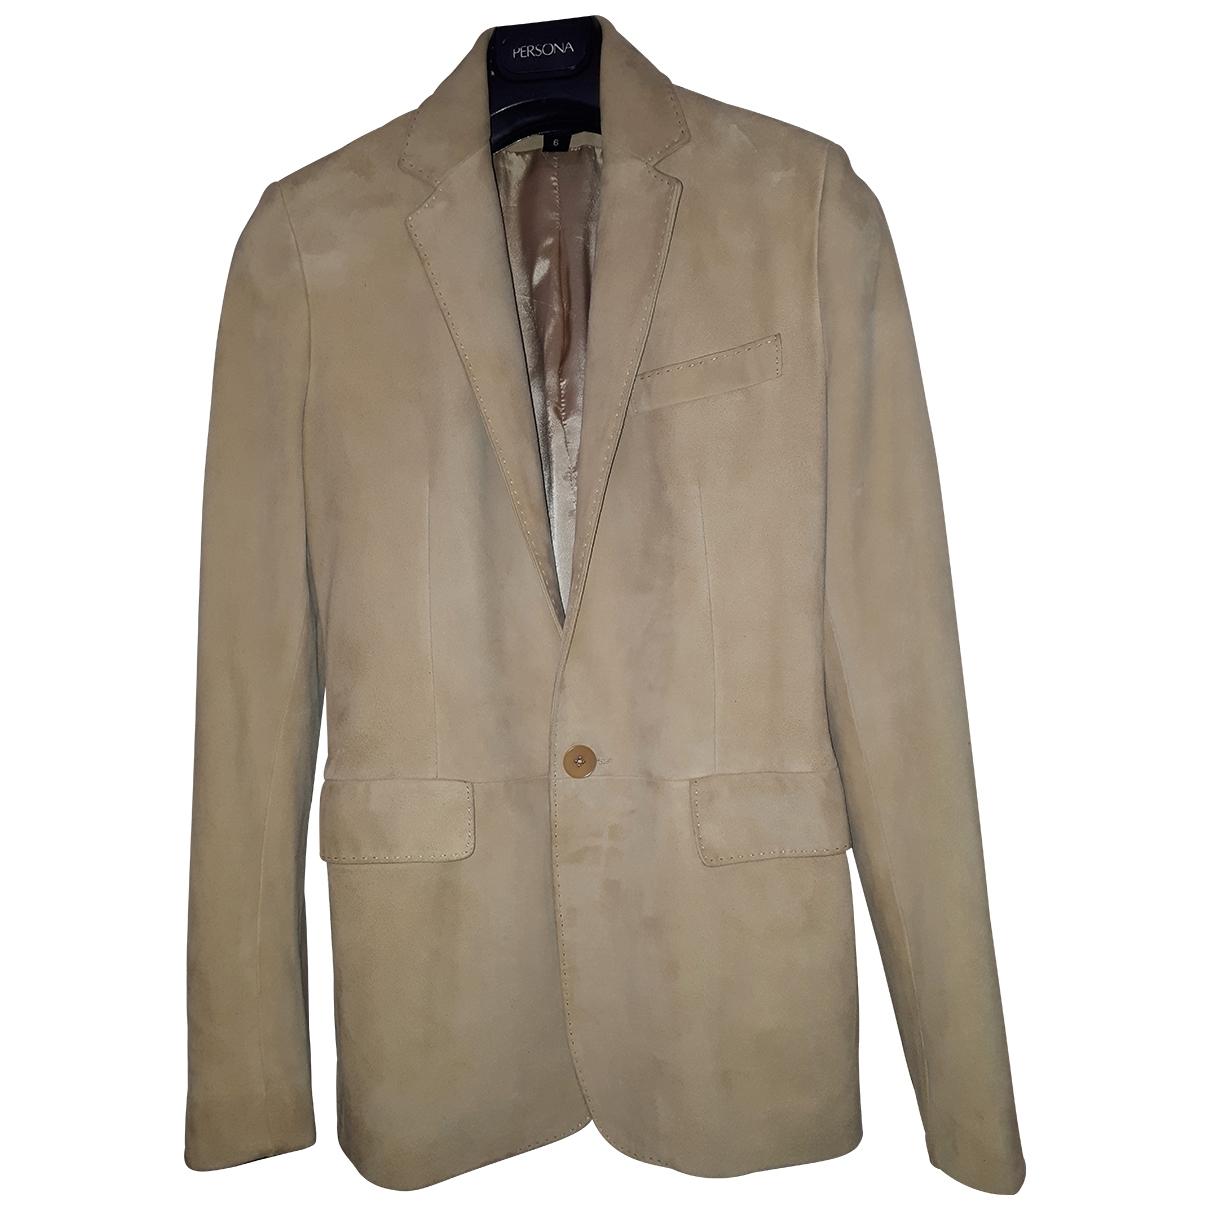 Ralph Lauren Collection \N Beige Suede jacket  for Men S International